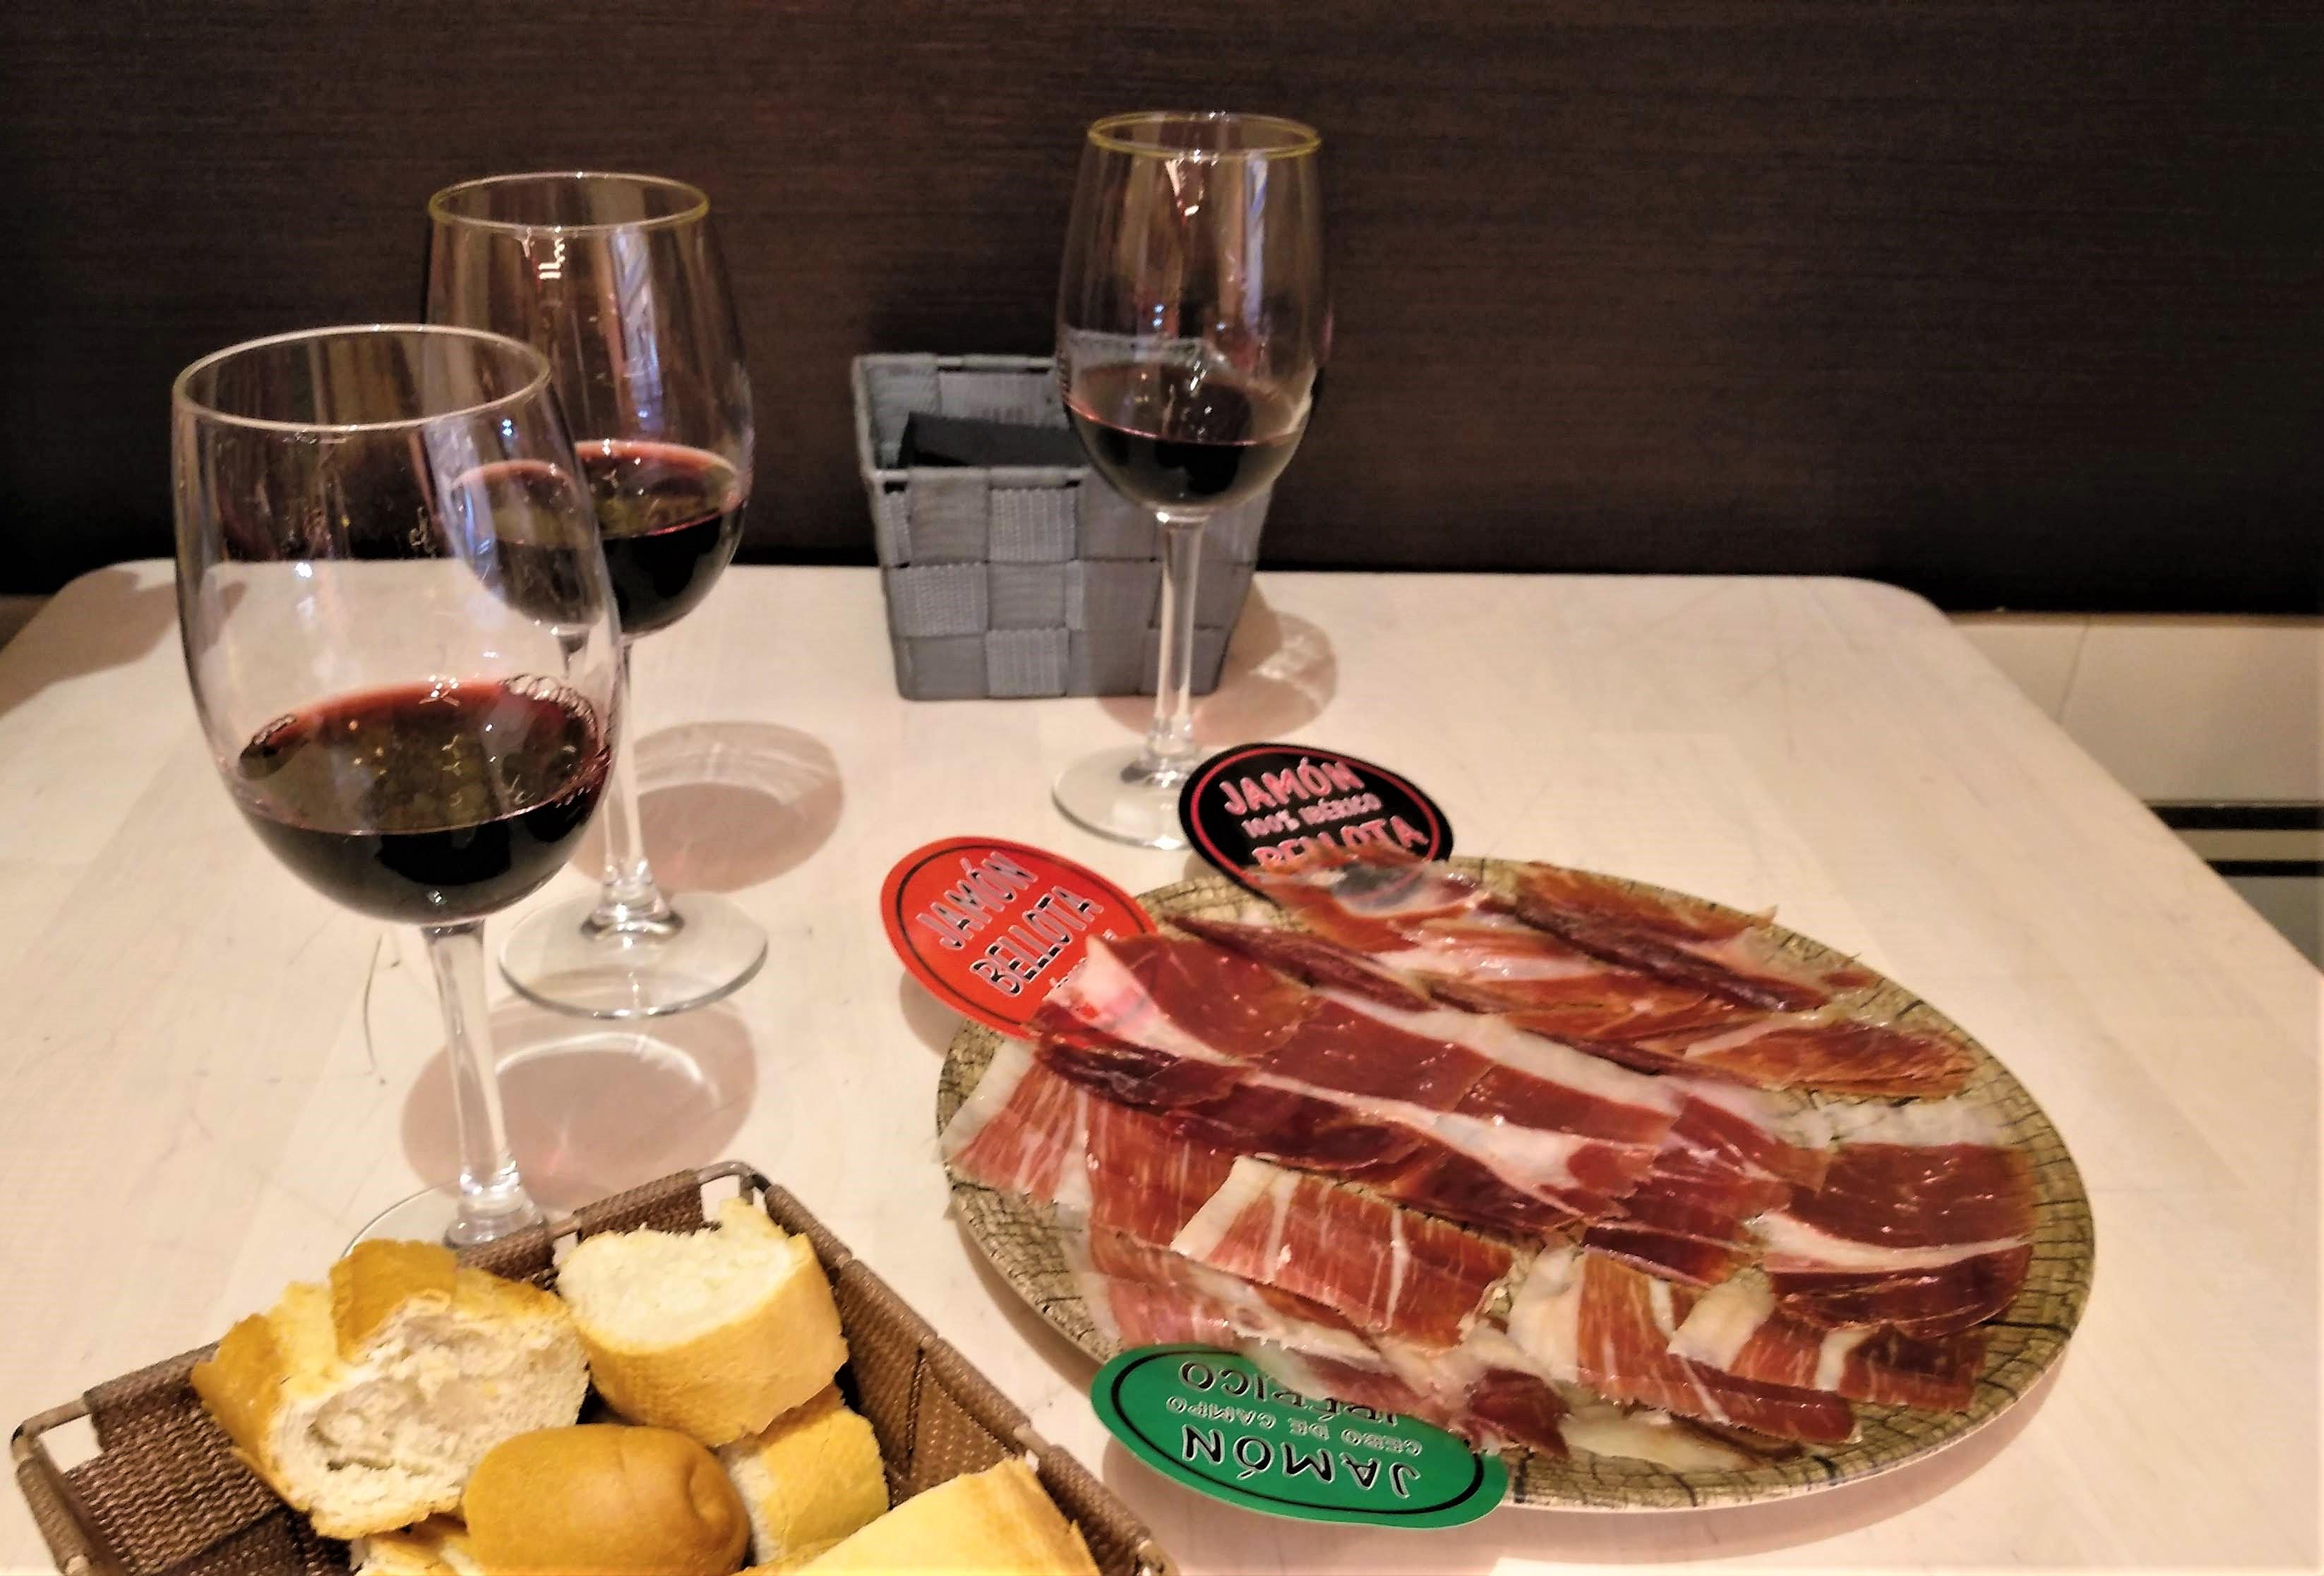 víno sa pije v Madride k obedu alebo mäsu